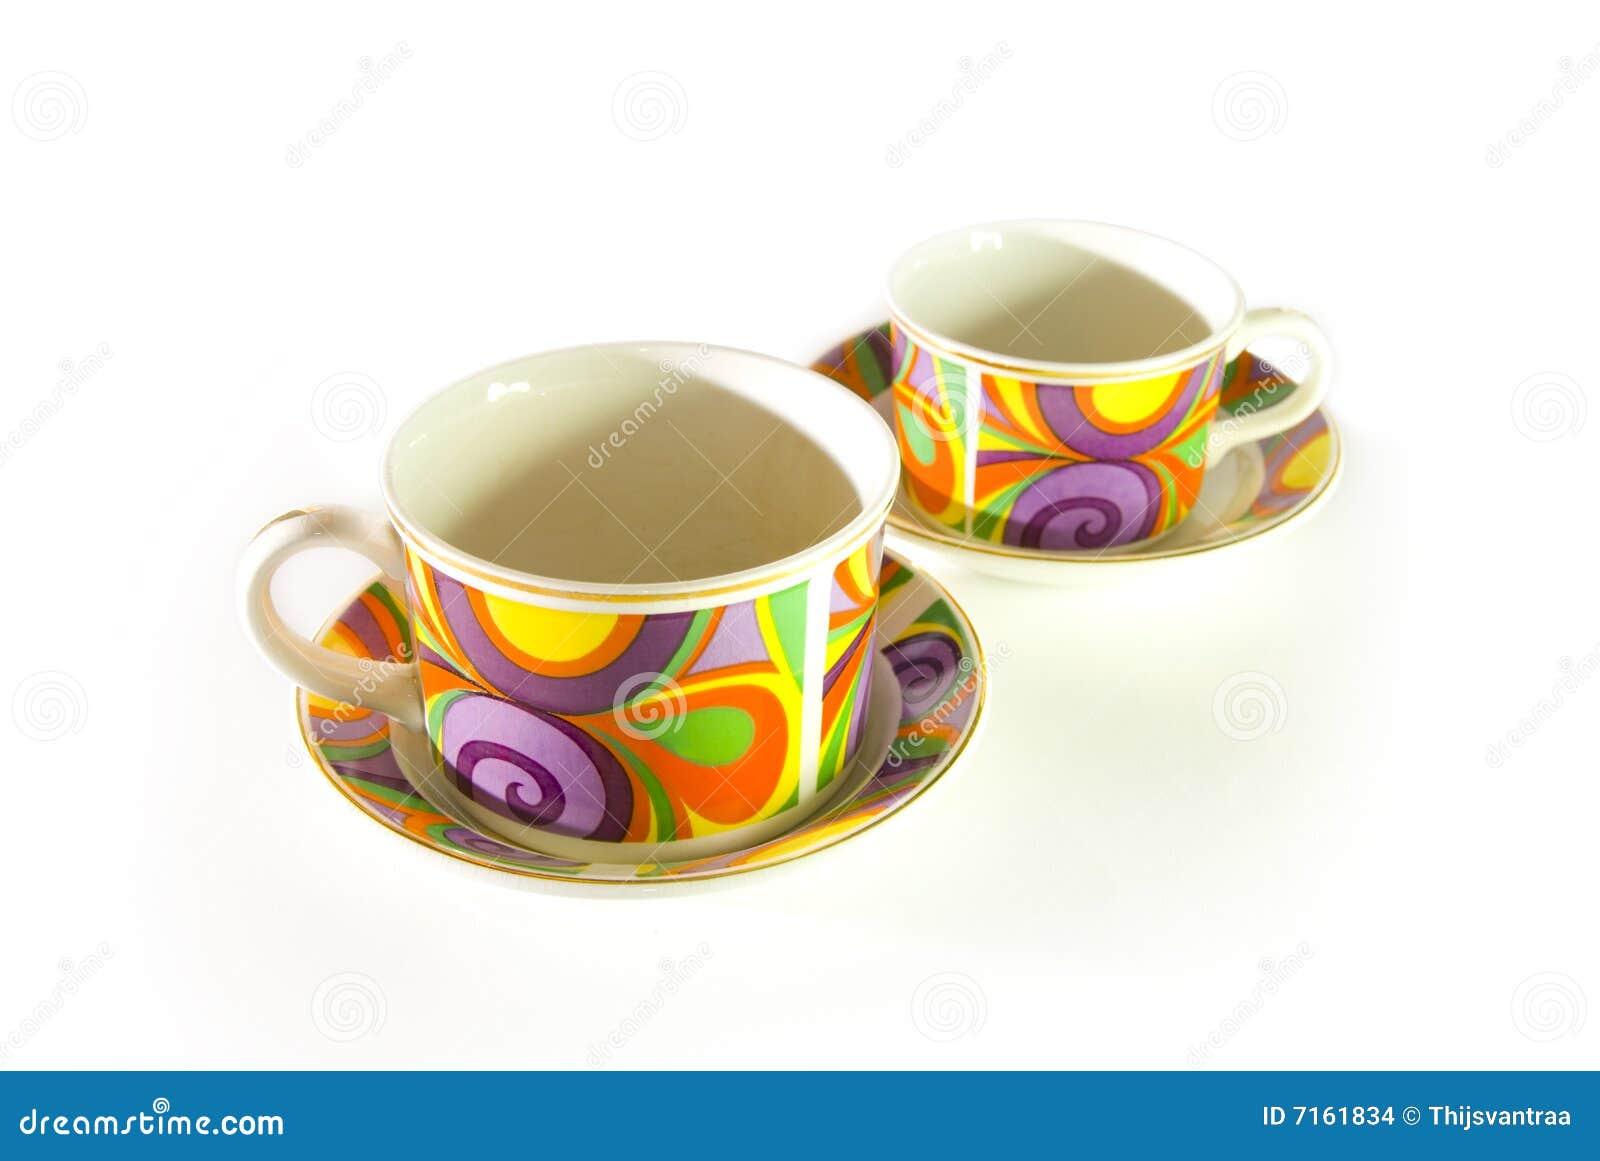 Funky pattern cups